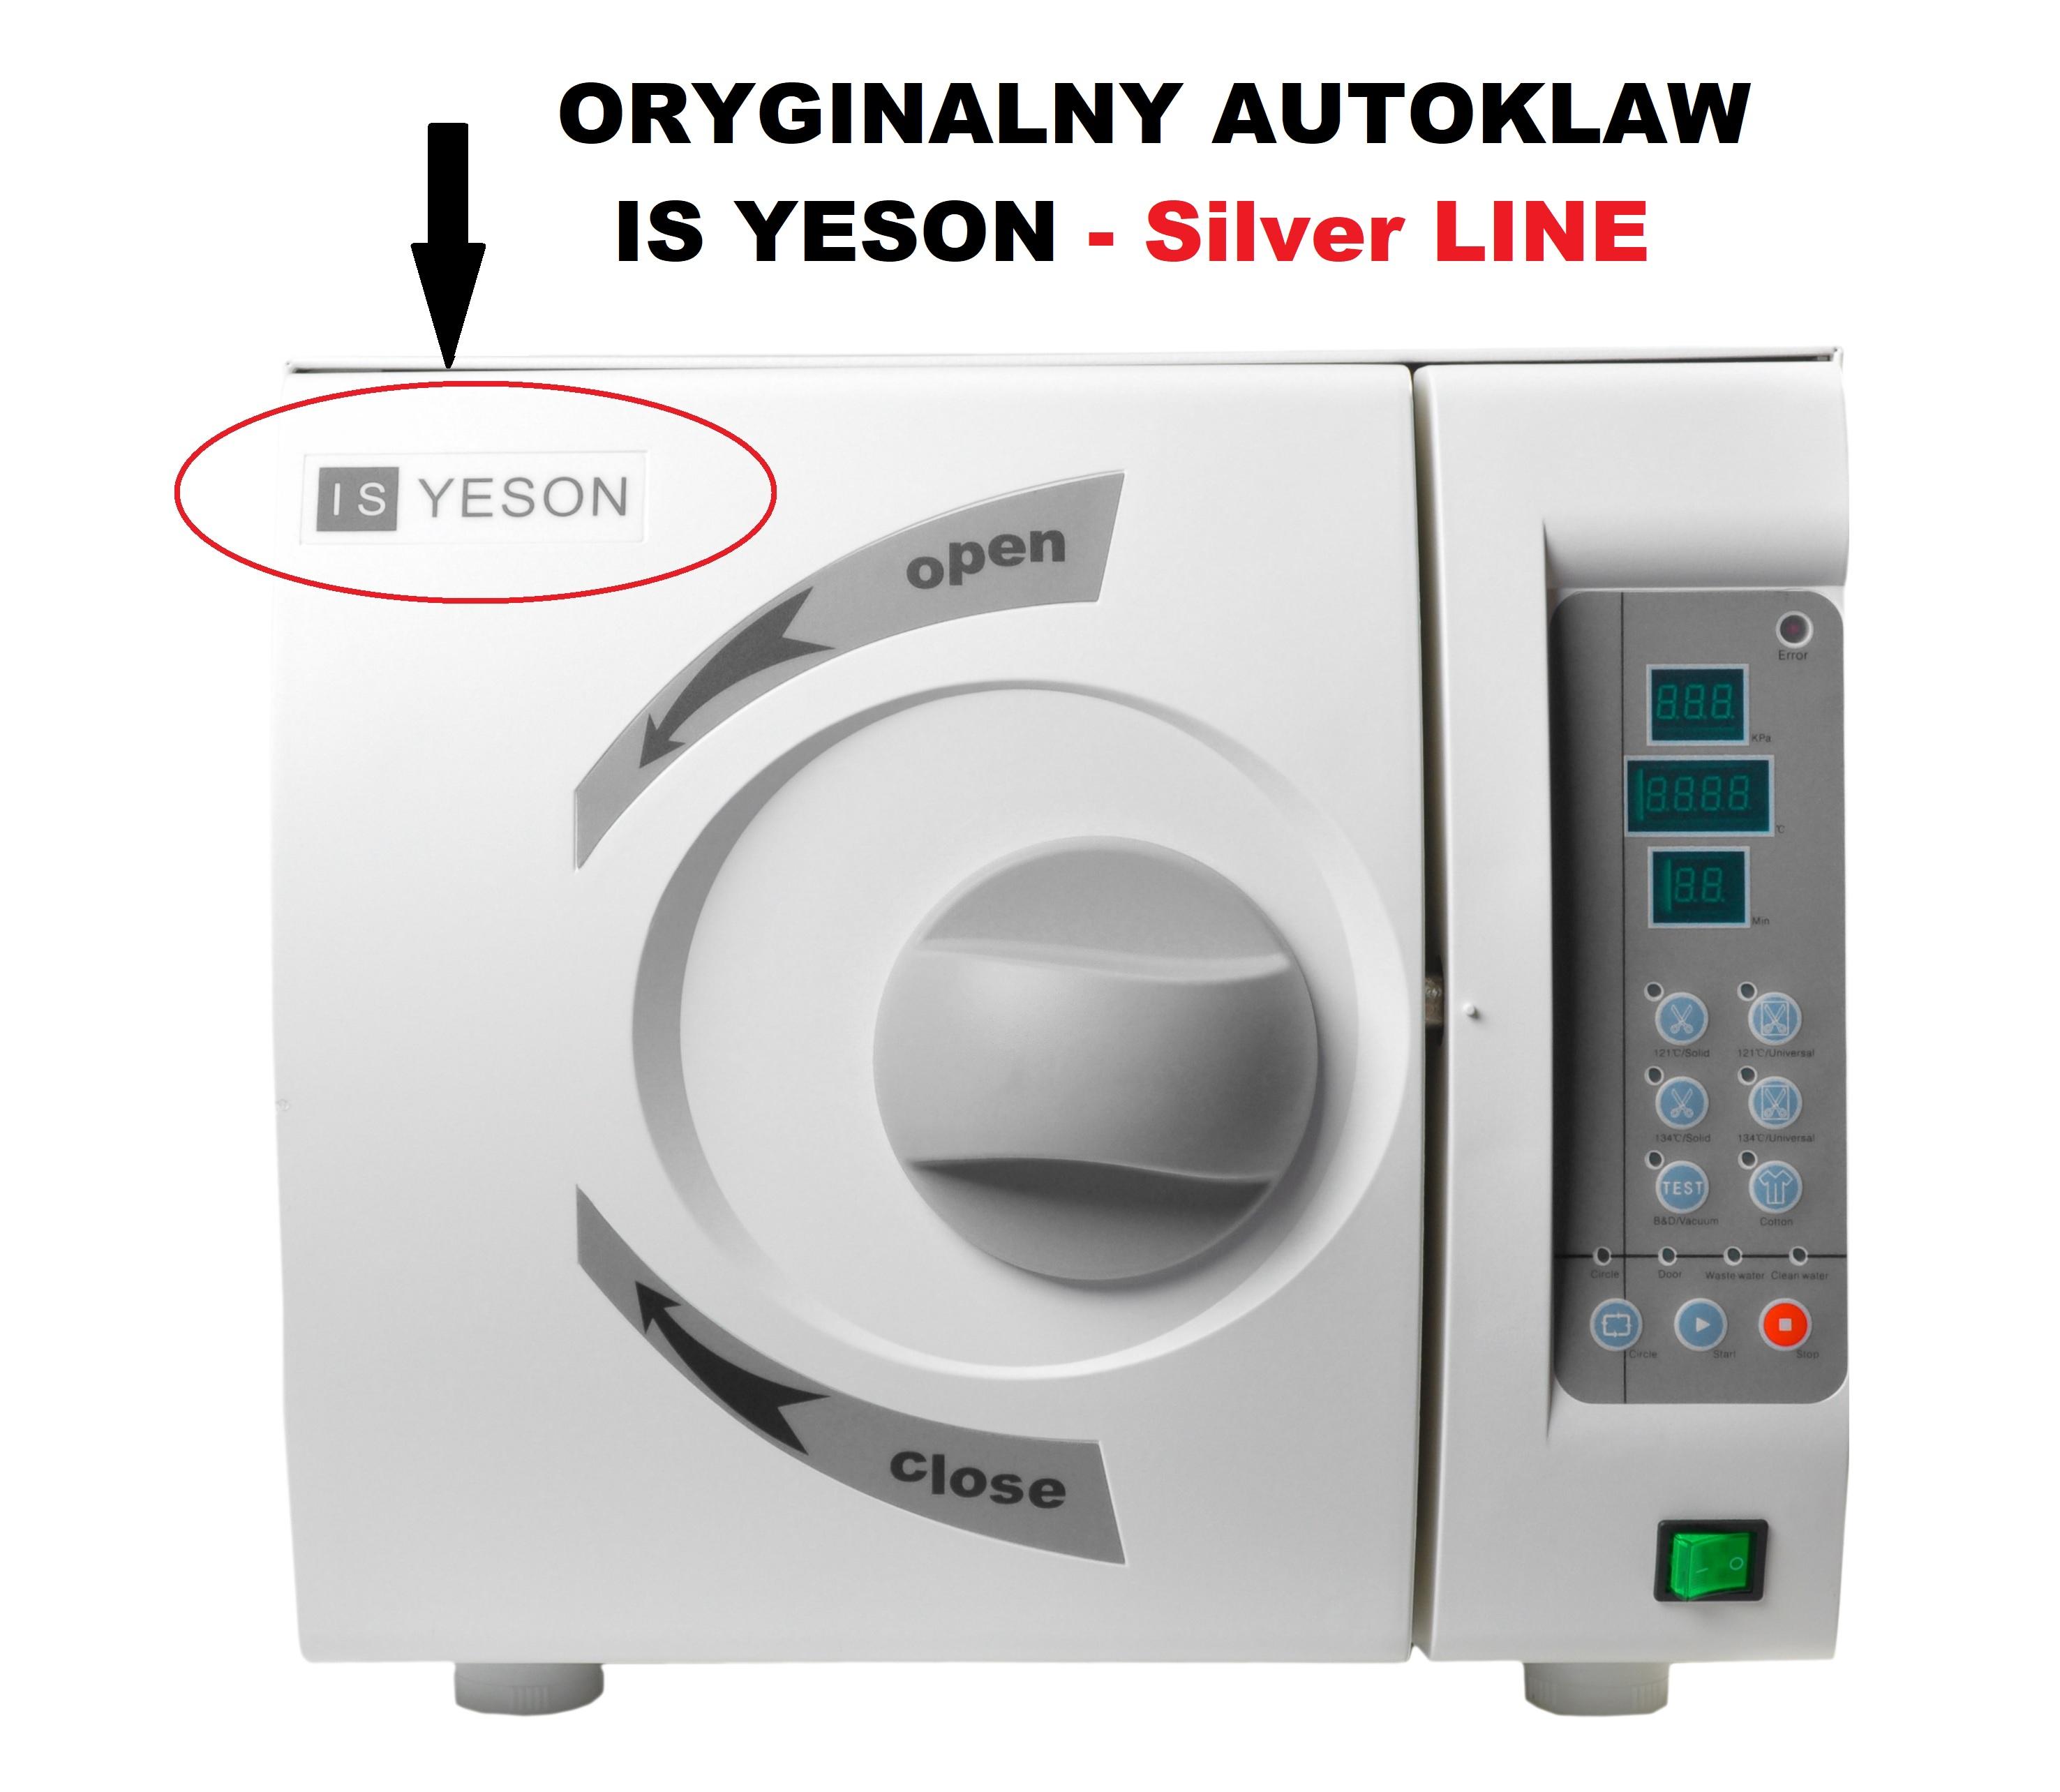 ORYGINALNY IS YESON.jpg